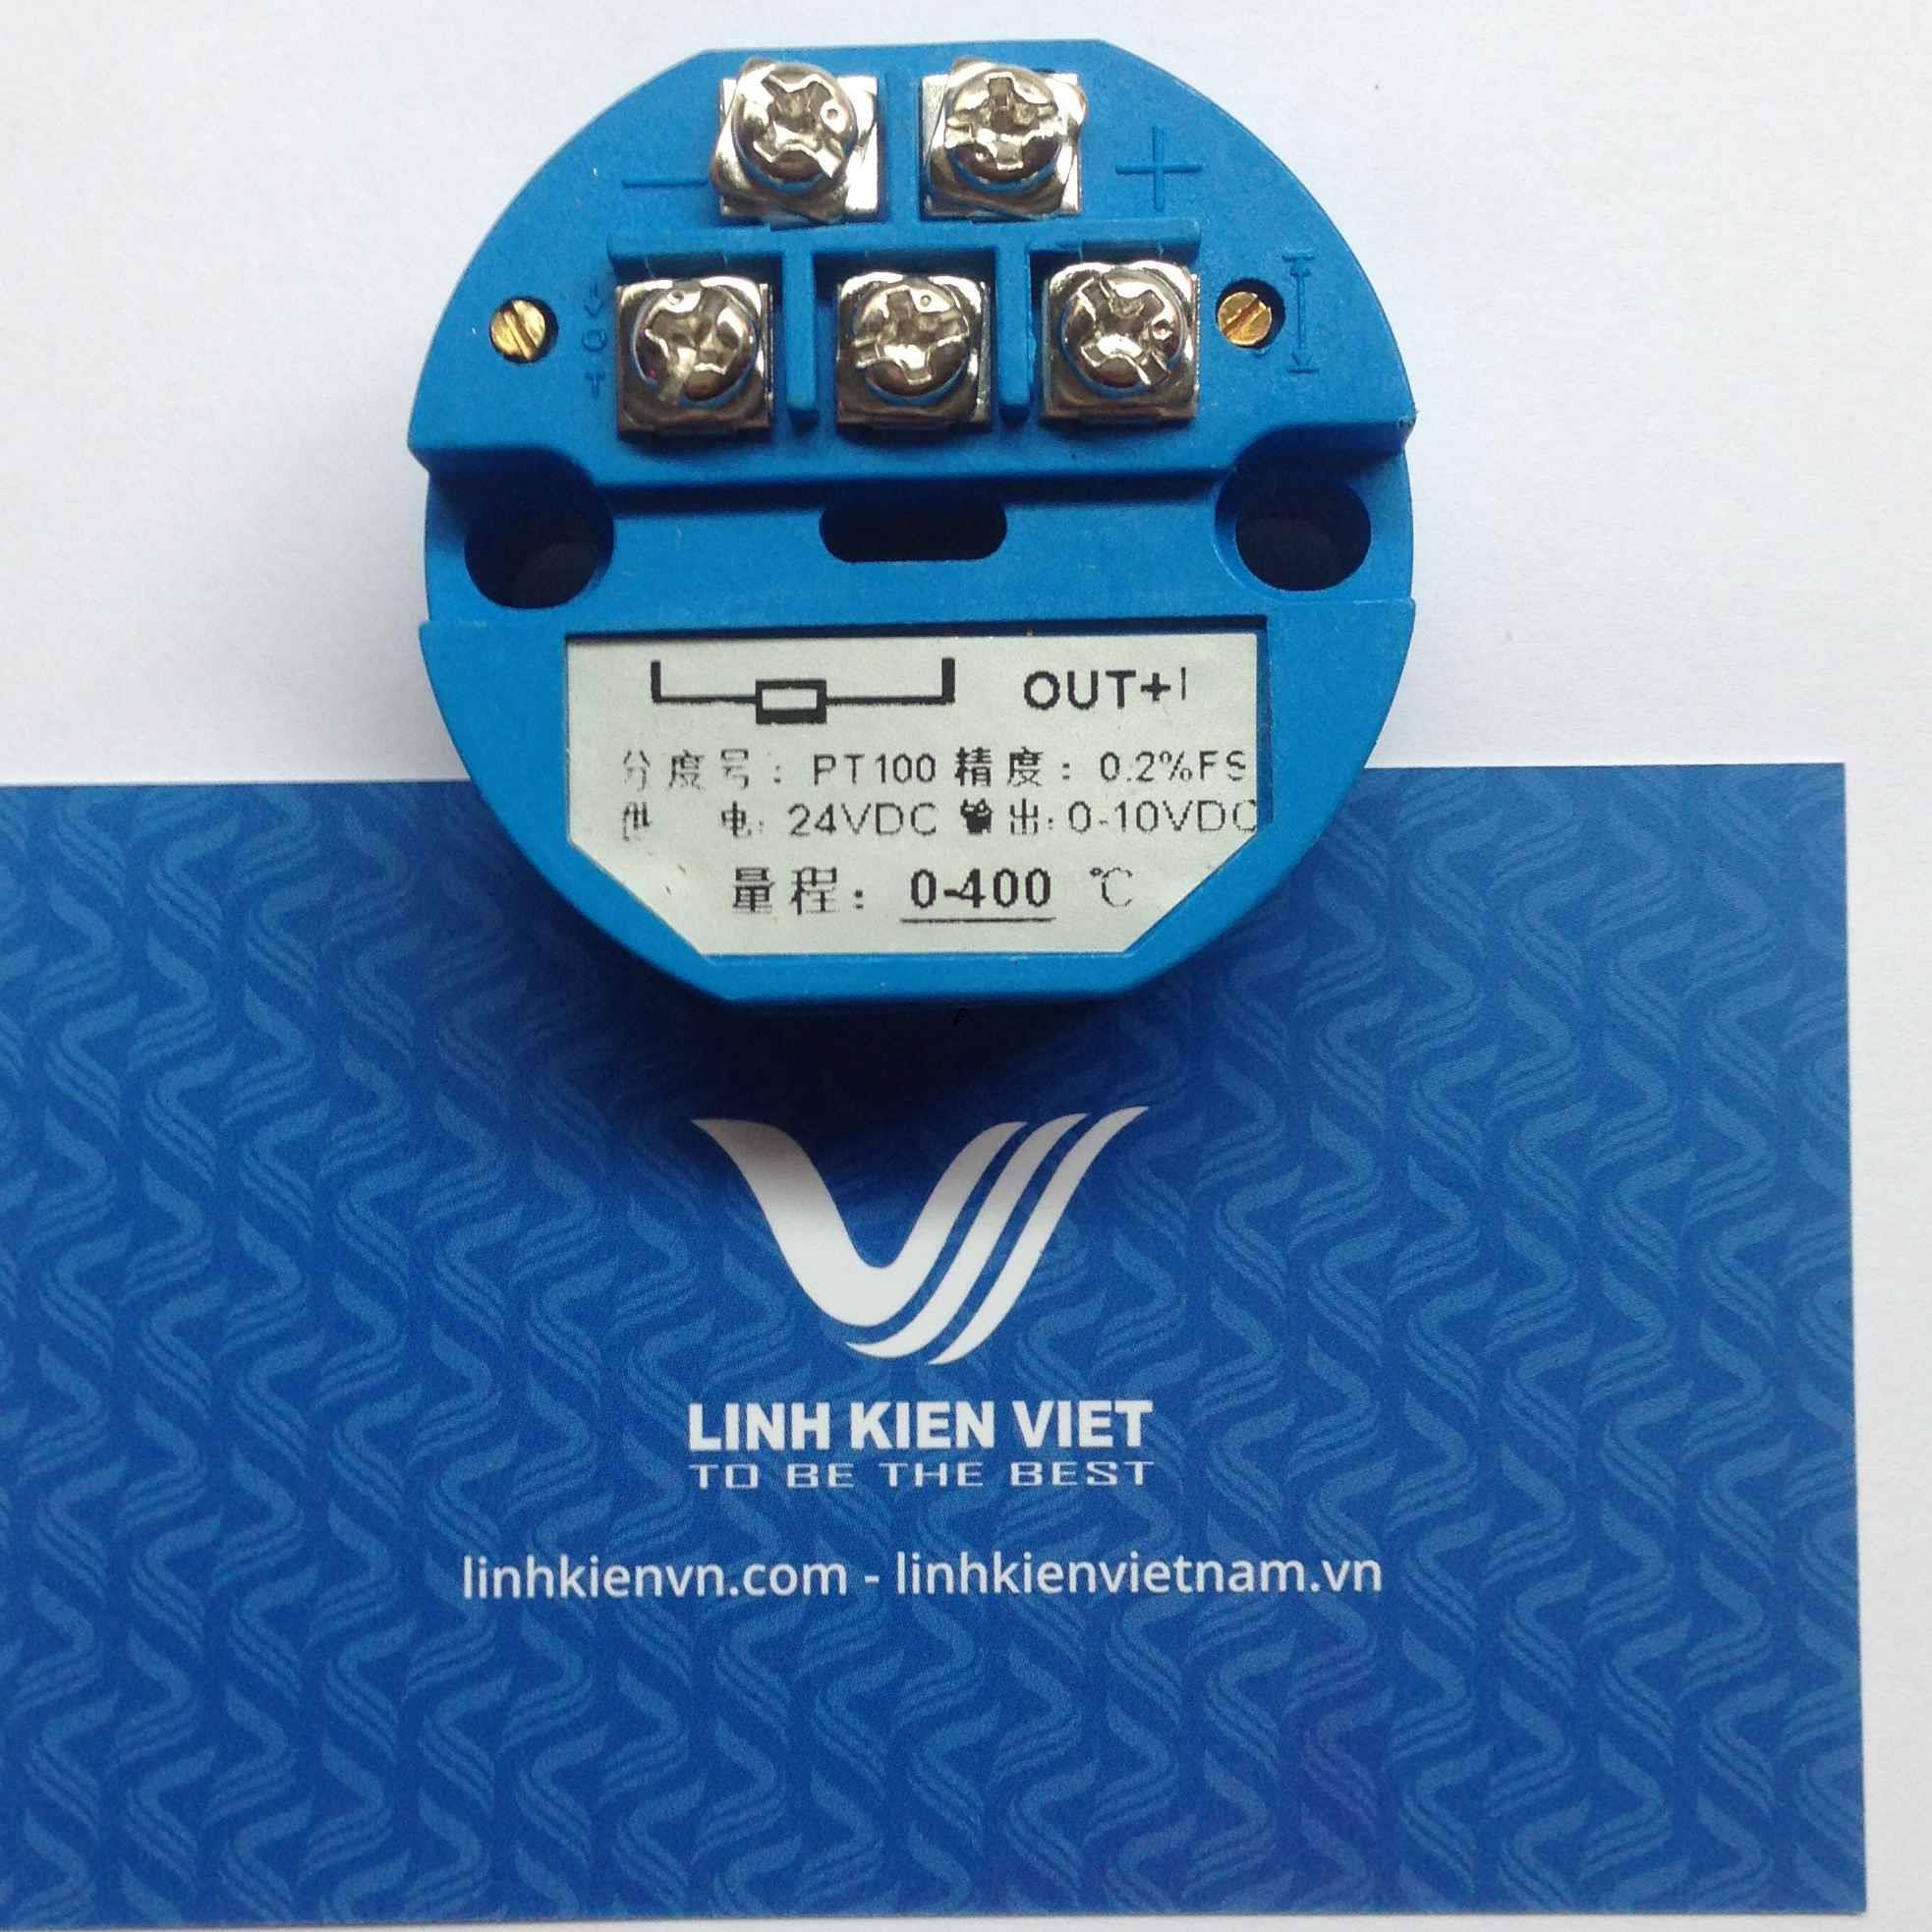 Bộ chuyển đổi nhiệt độ PT100 4-20mA / 0-200 độ - i1H11